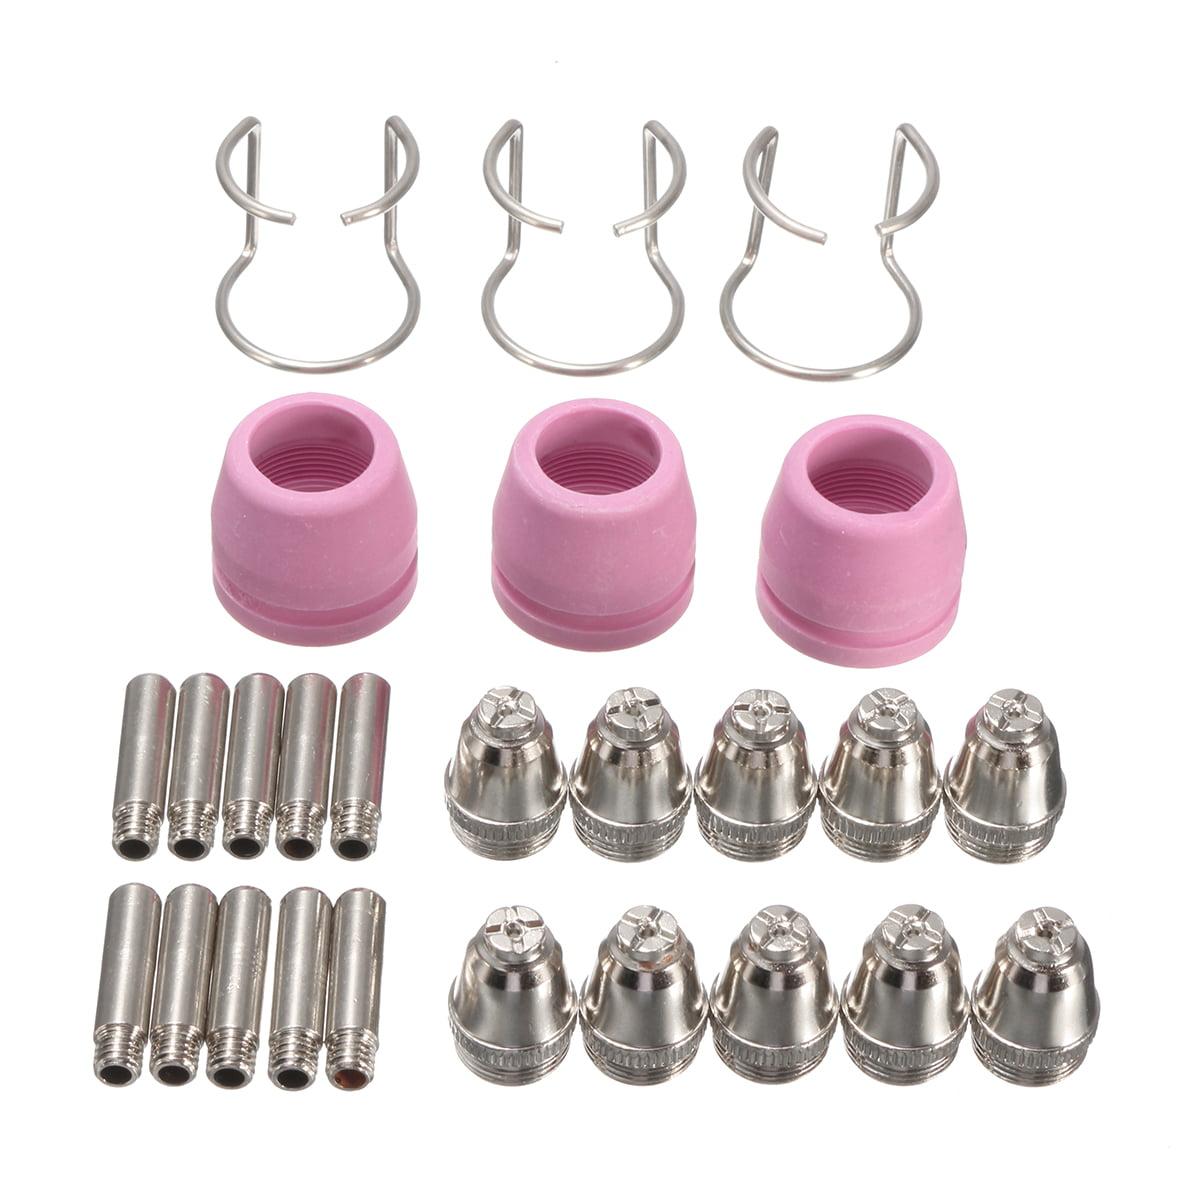 26PCS PL60 Plasma Cutting Torch Tip Nozzle Cutter Consumables Kit FOR / FIT LTP5000D LTP5000 LTPDC2000 LTPDC2000D